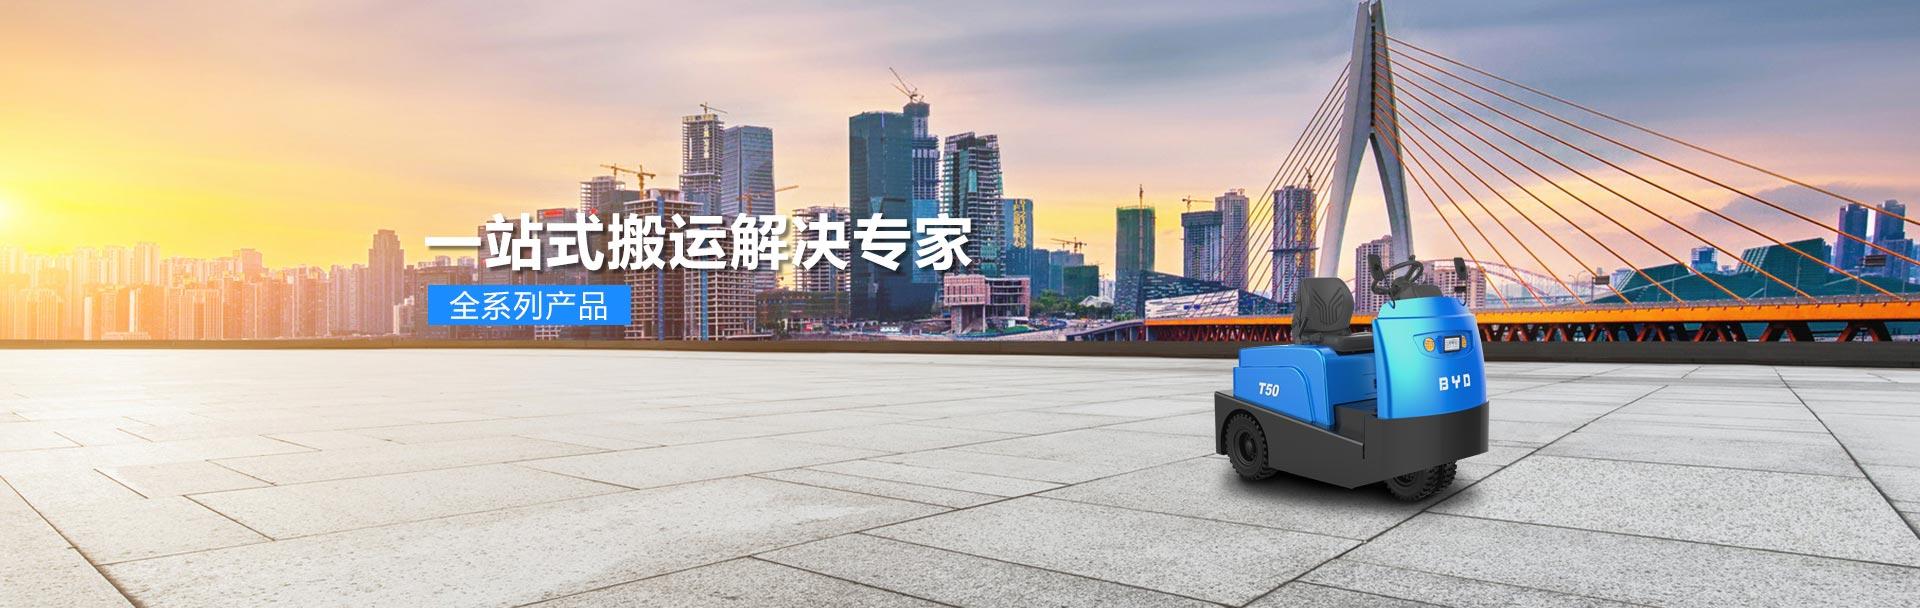 重庆比亚迪叉车